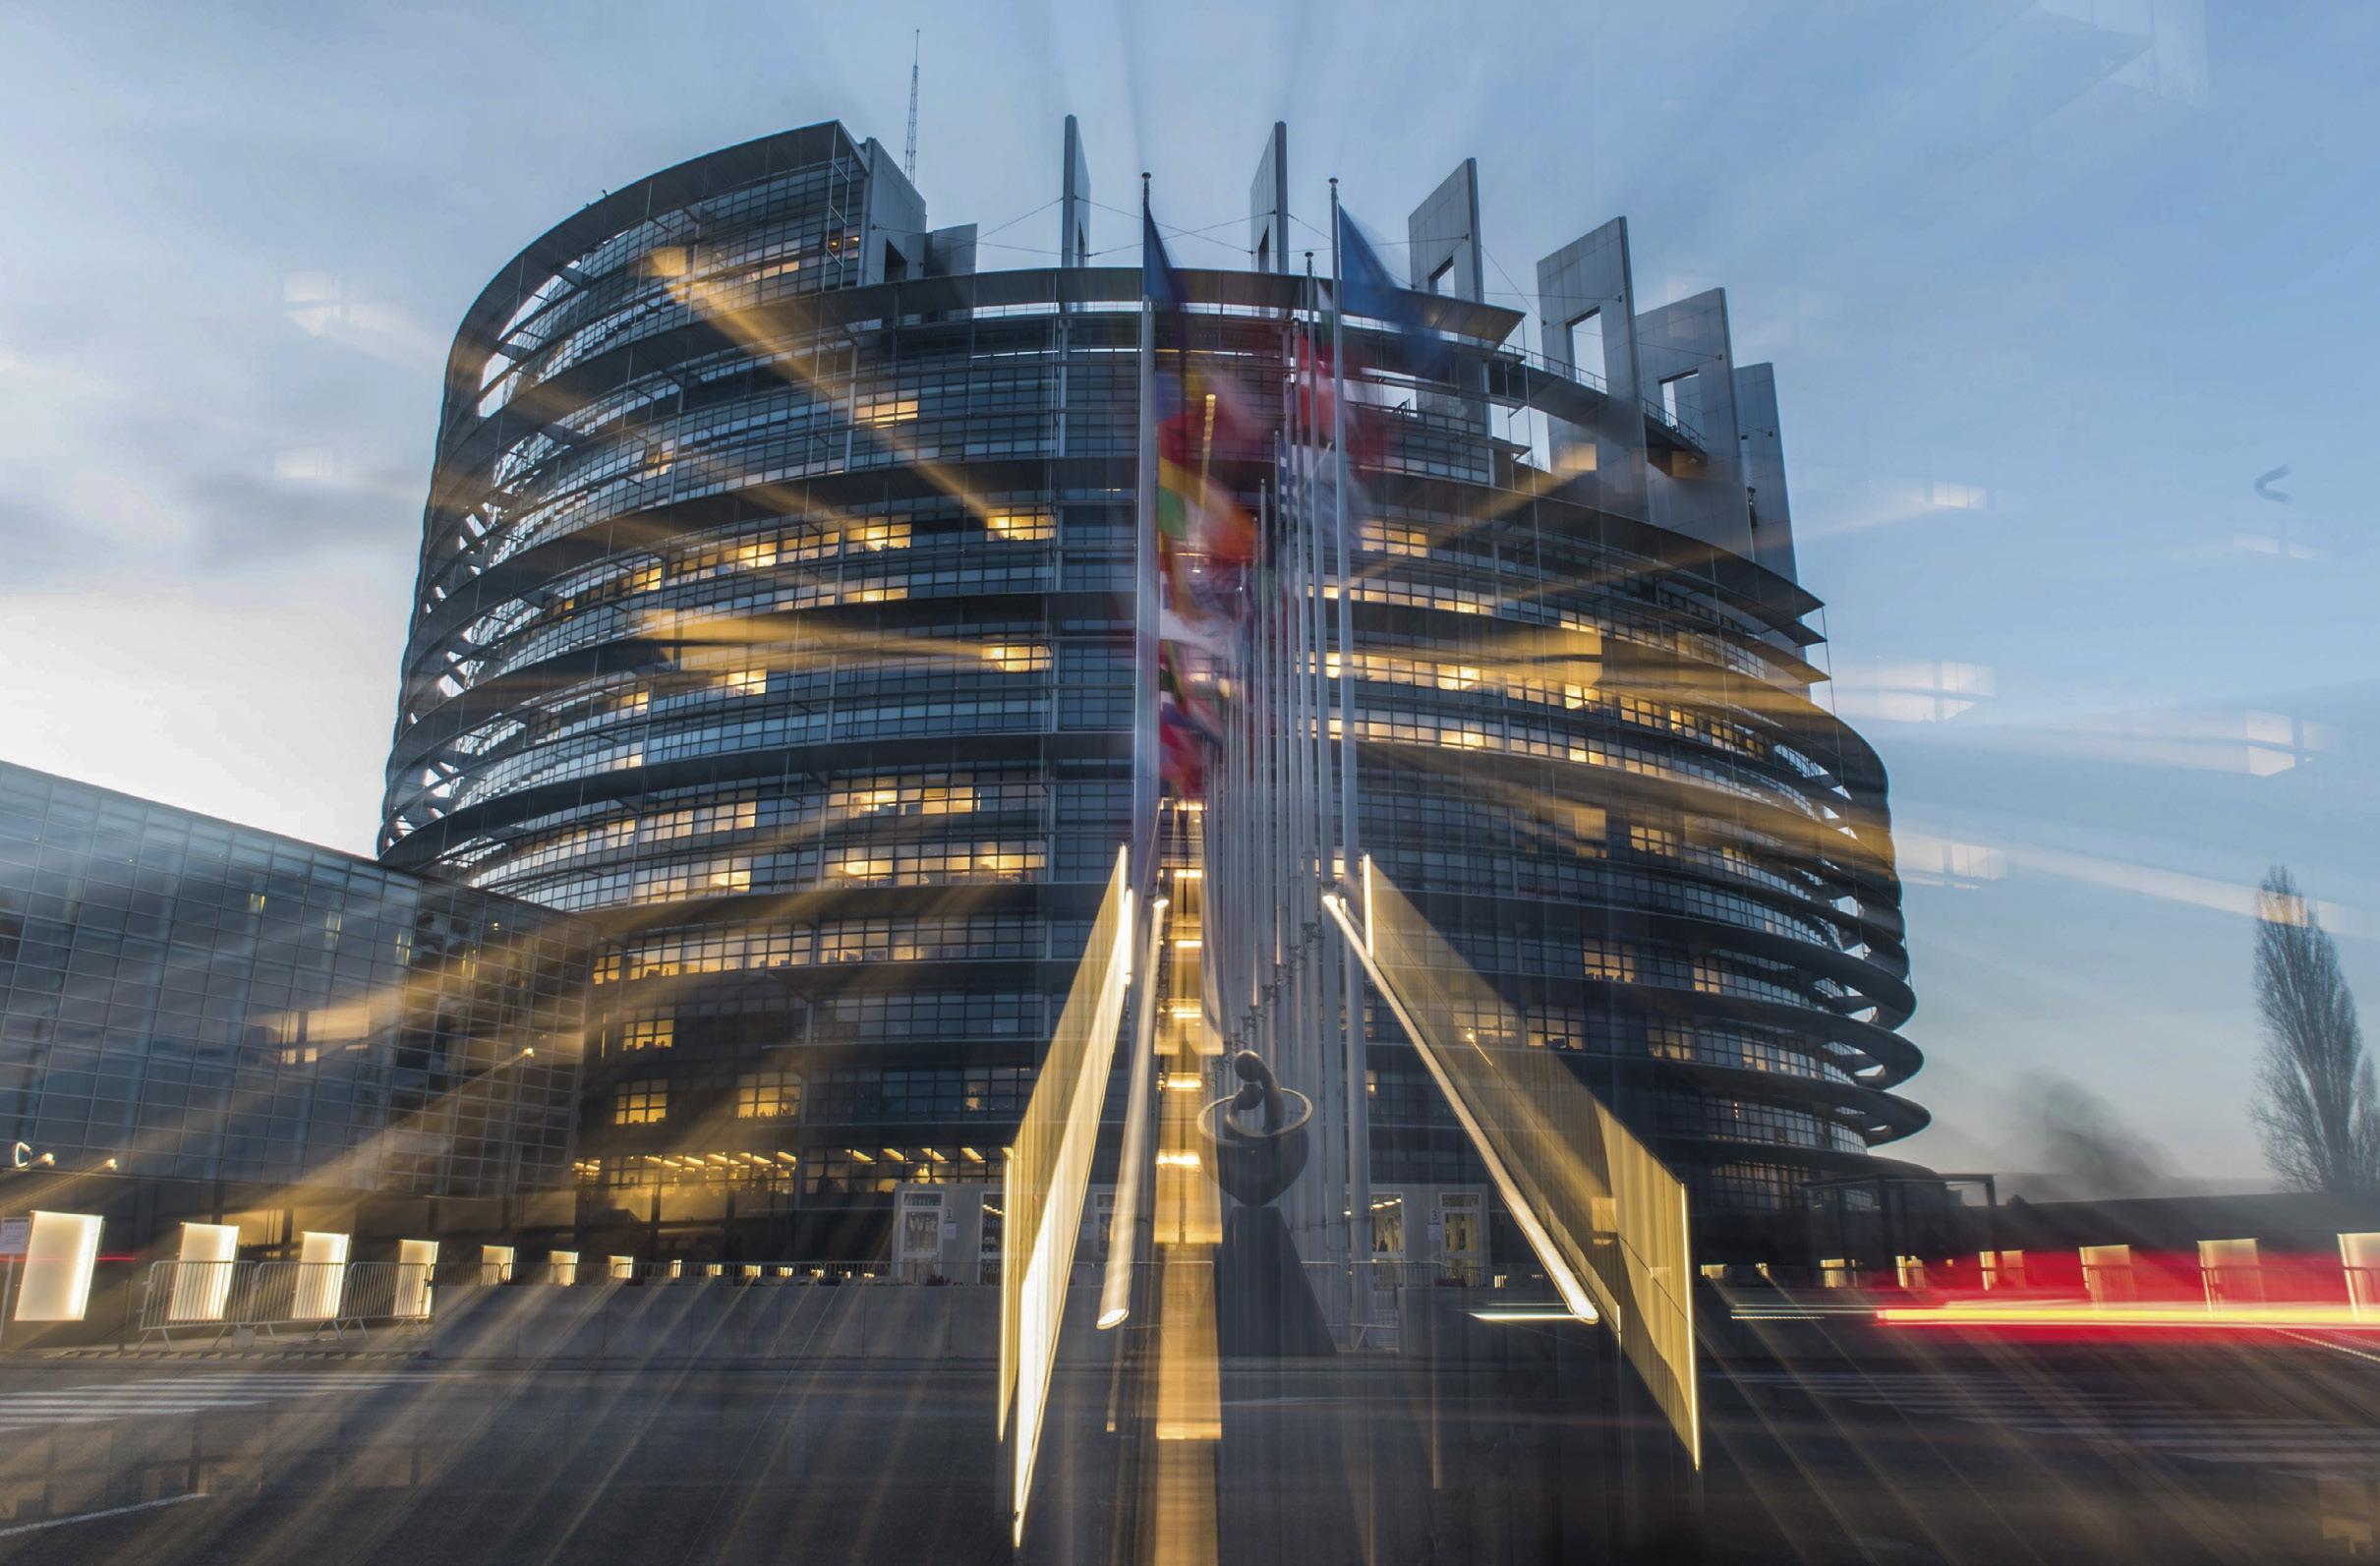 Sede do Parlamento Europeu, Estrasburgo, França, 2018, Foto EPA / PATRICK SEEGER